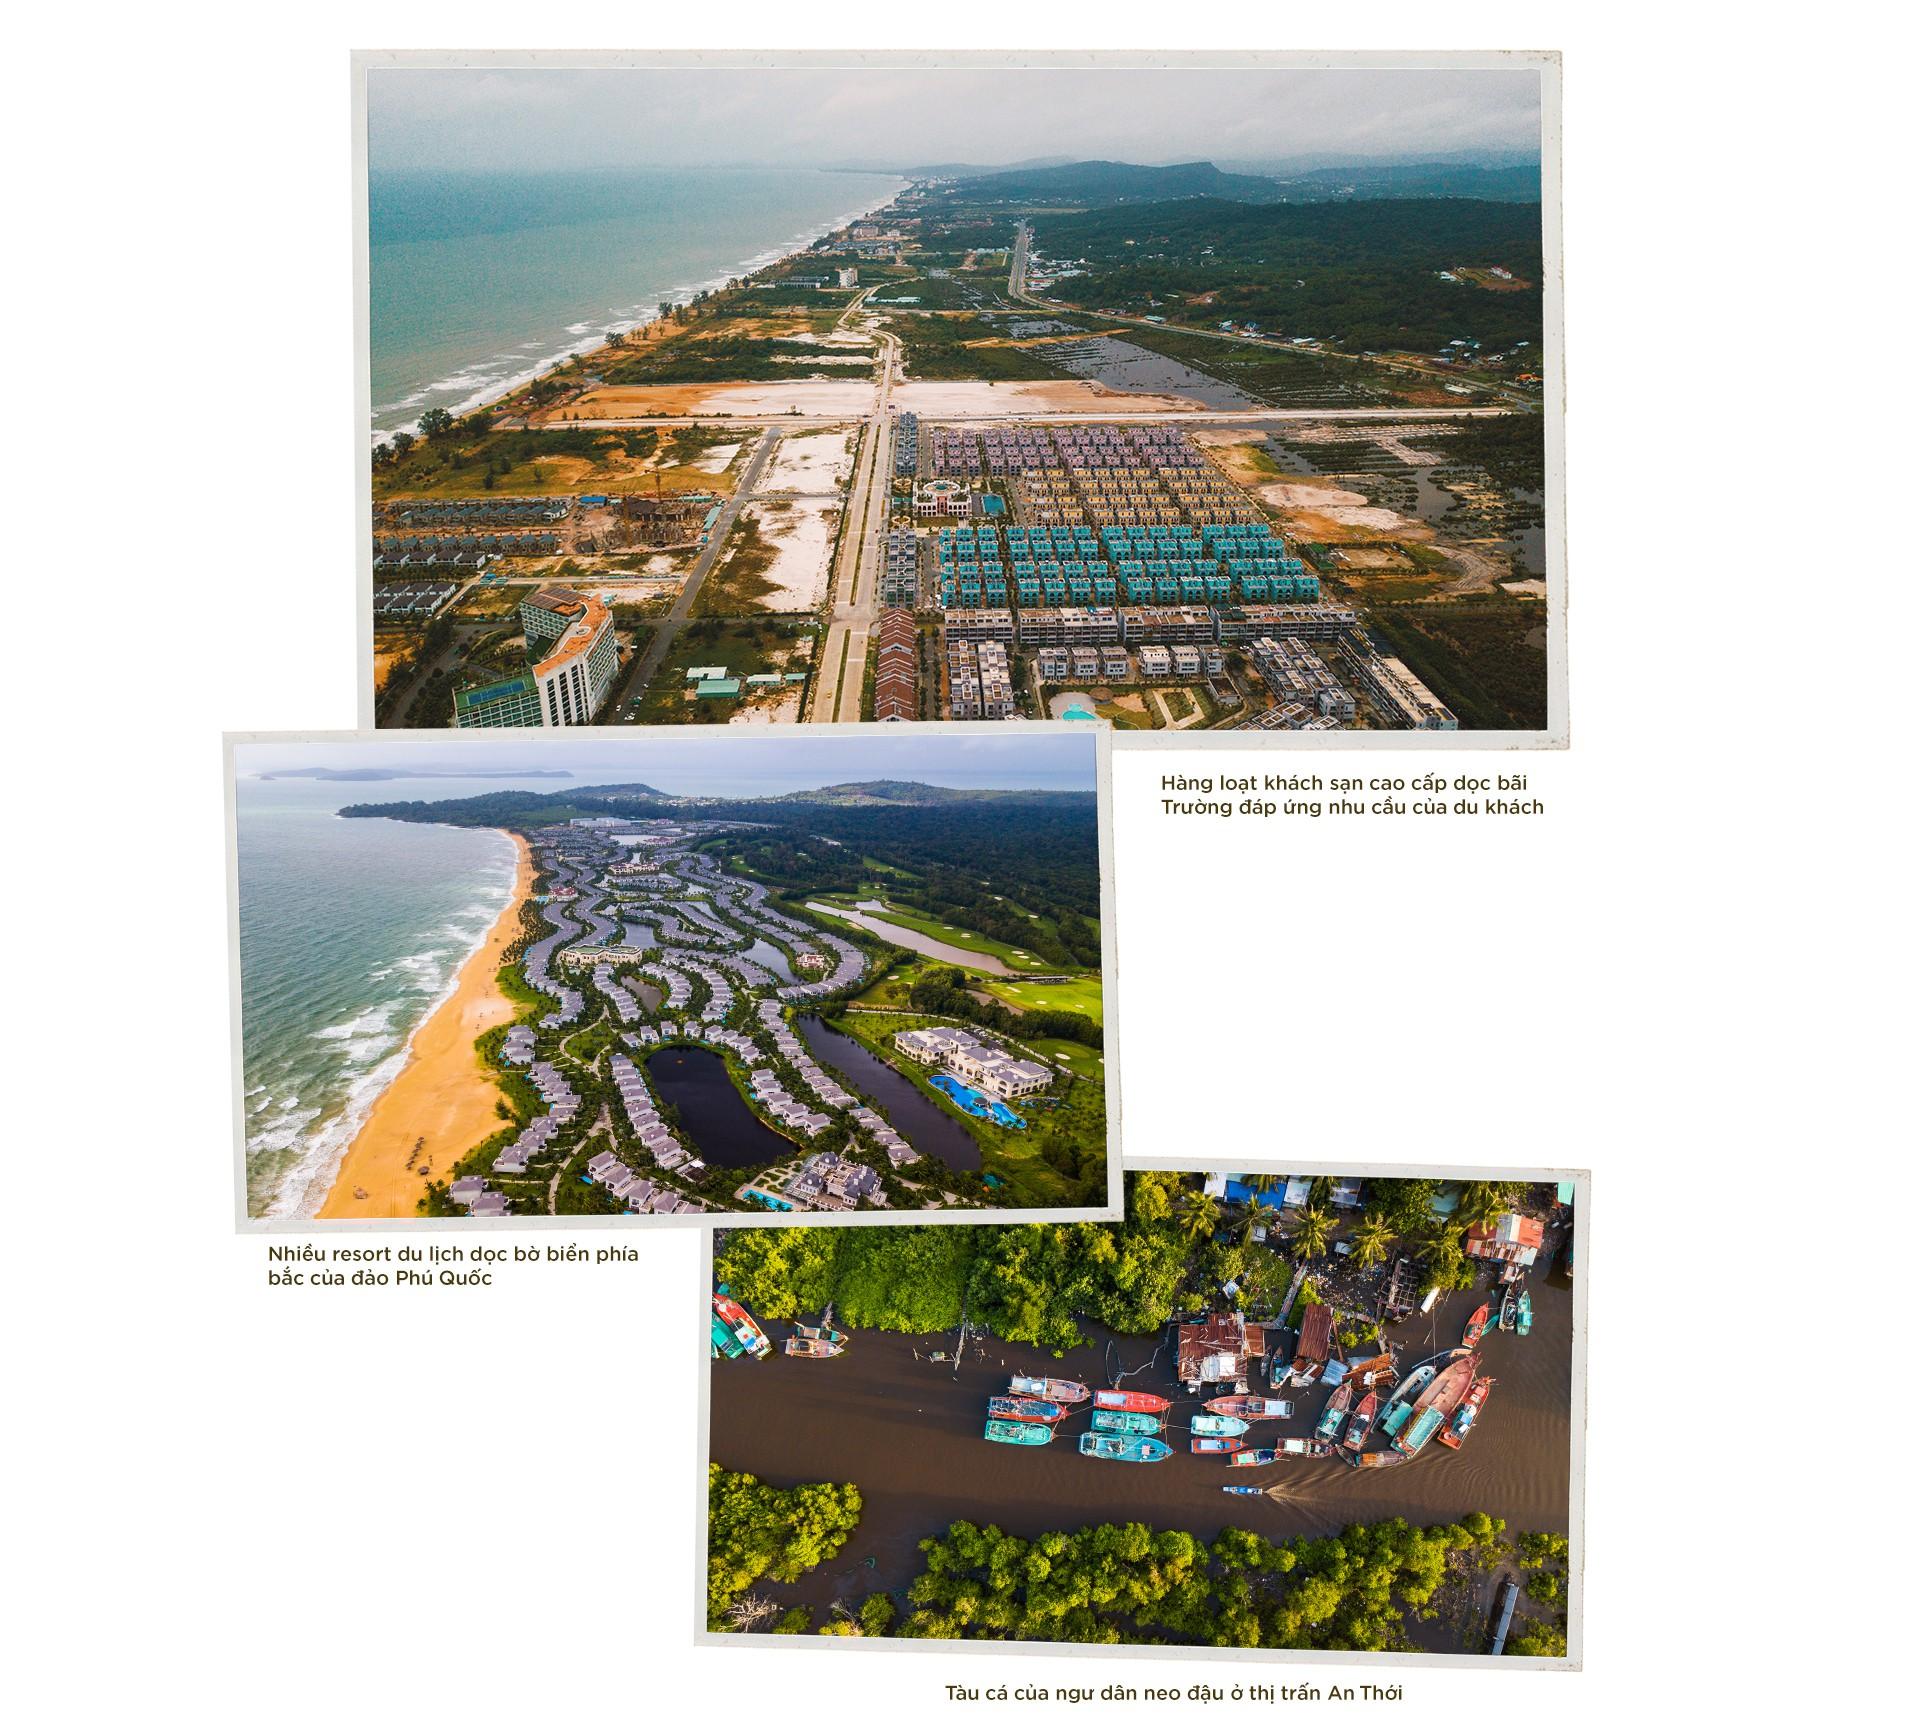 """nhứng resort, dự án nghỉ dưỡng tại Phú QUốc chạm tay vào """"đảo ngọc"""" phú quốc - nhứng-resort-dự-án-nghỉ-dưỡng-tại-Phú-QUốc - Cùng trải nghiệm – chạm tay vào """"đảo ngọc"""" Phú Quốc."""